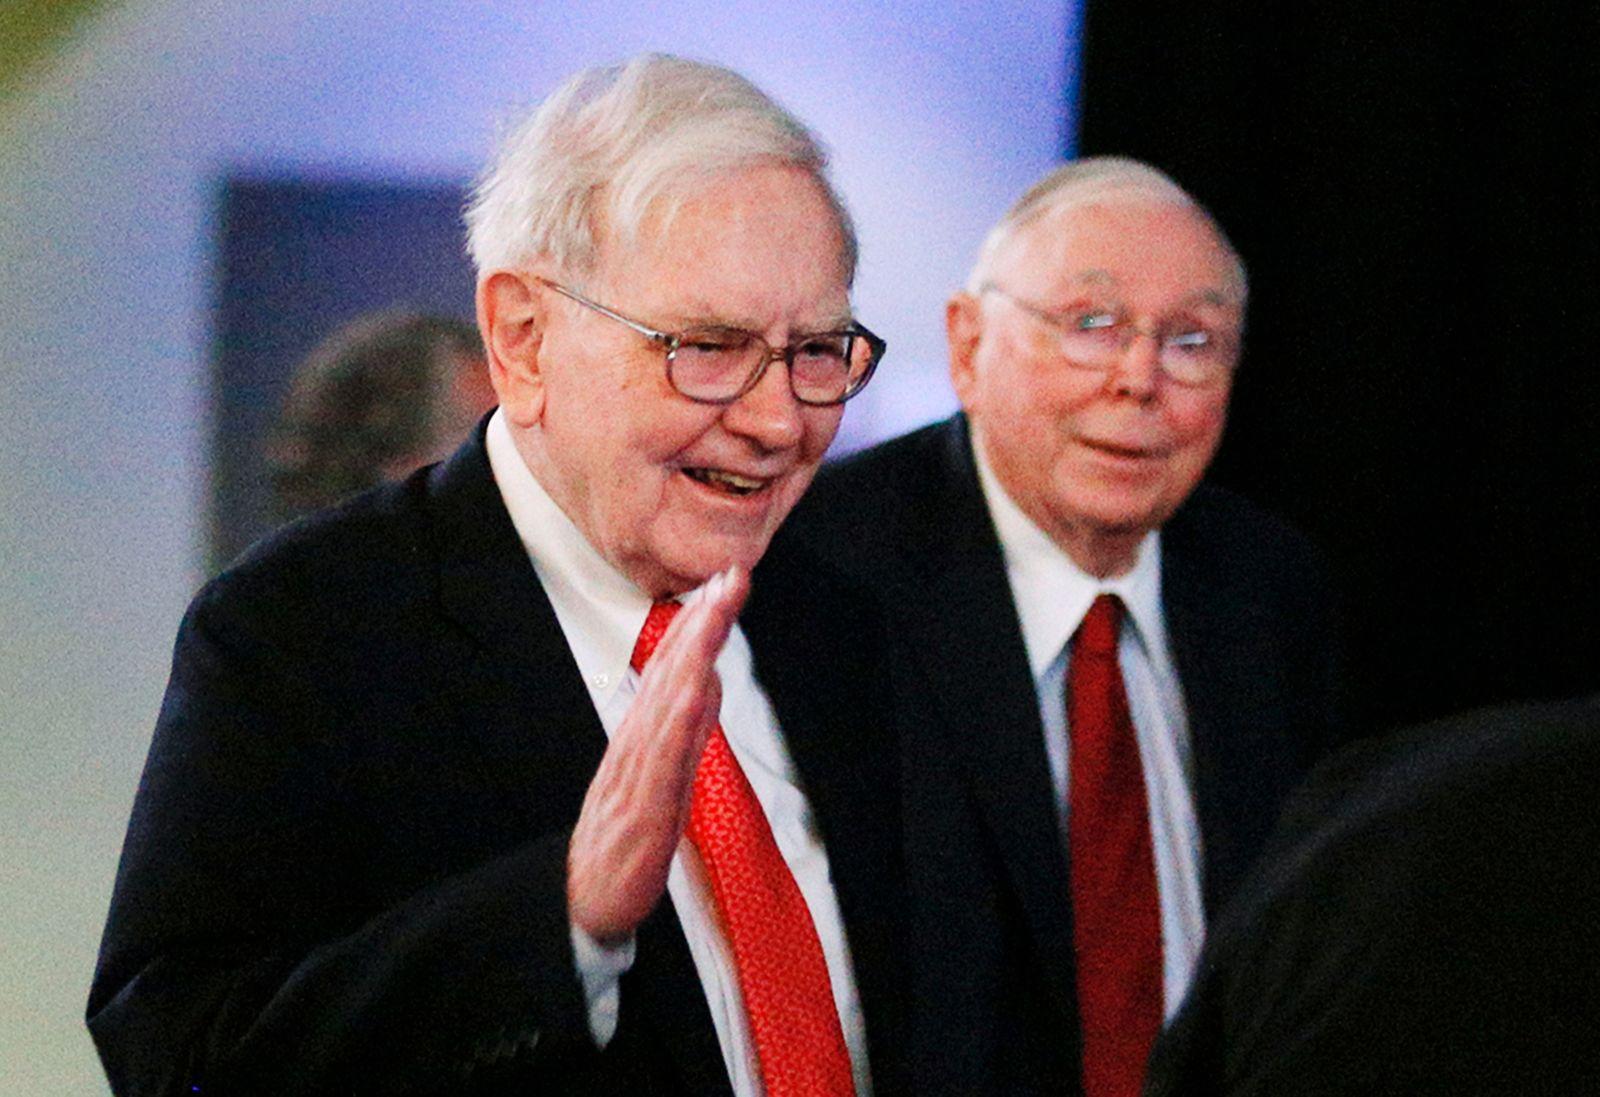 Warren Buffett / Charlie Munger